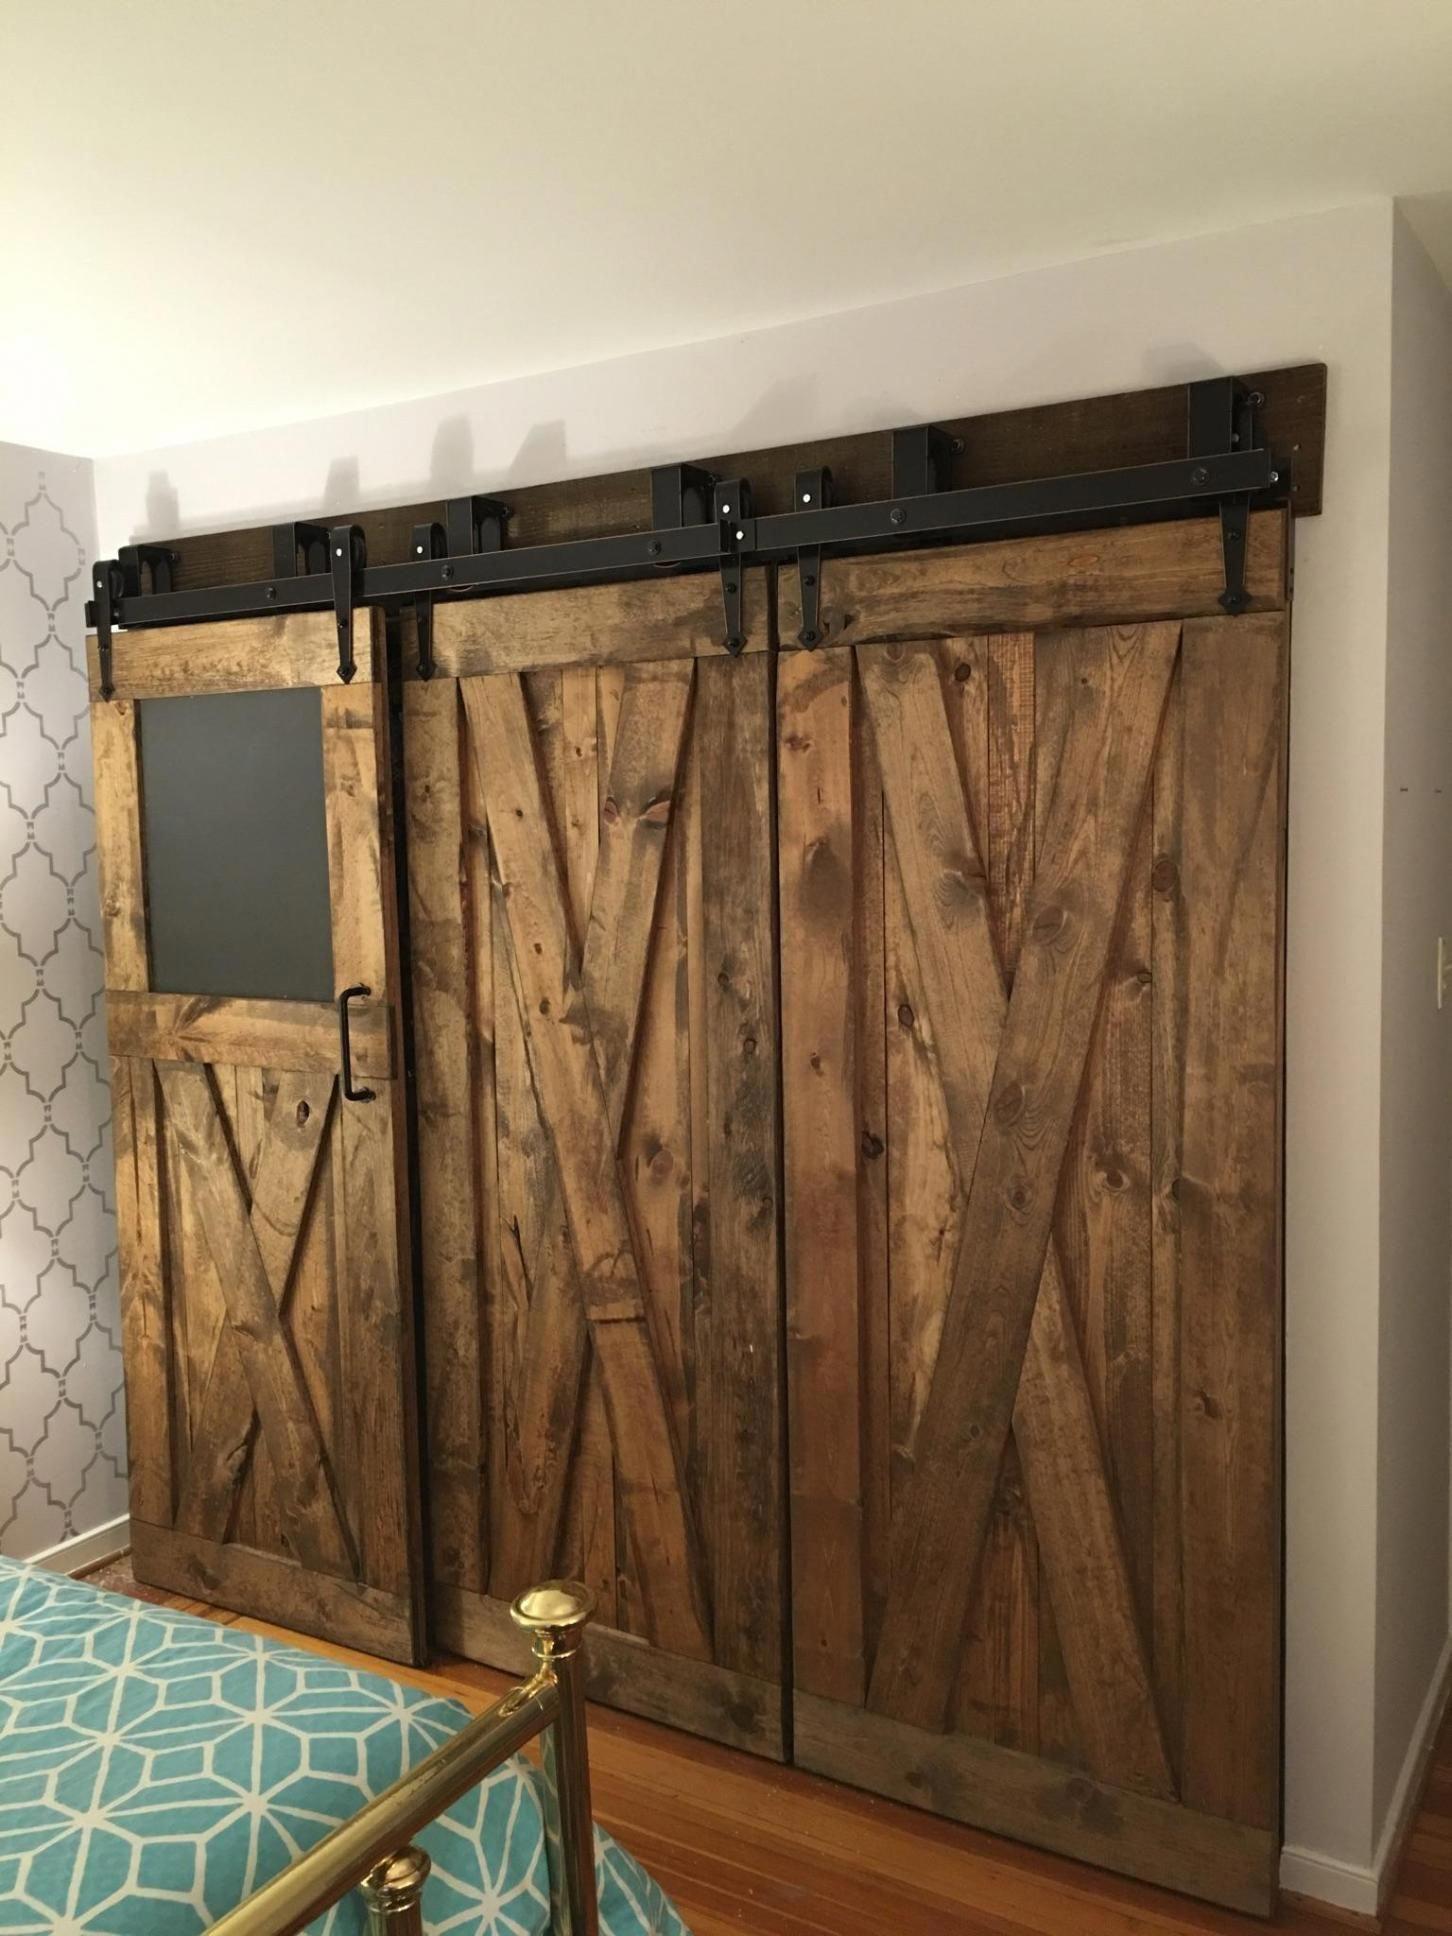 Exterior Barn Door Track System | Barn Door Wall | Sliding Carriage Door  Hardware 20181124